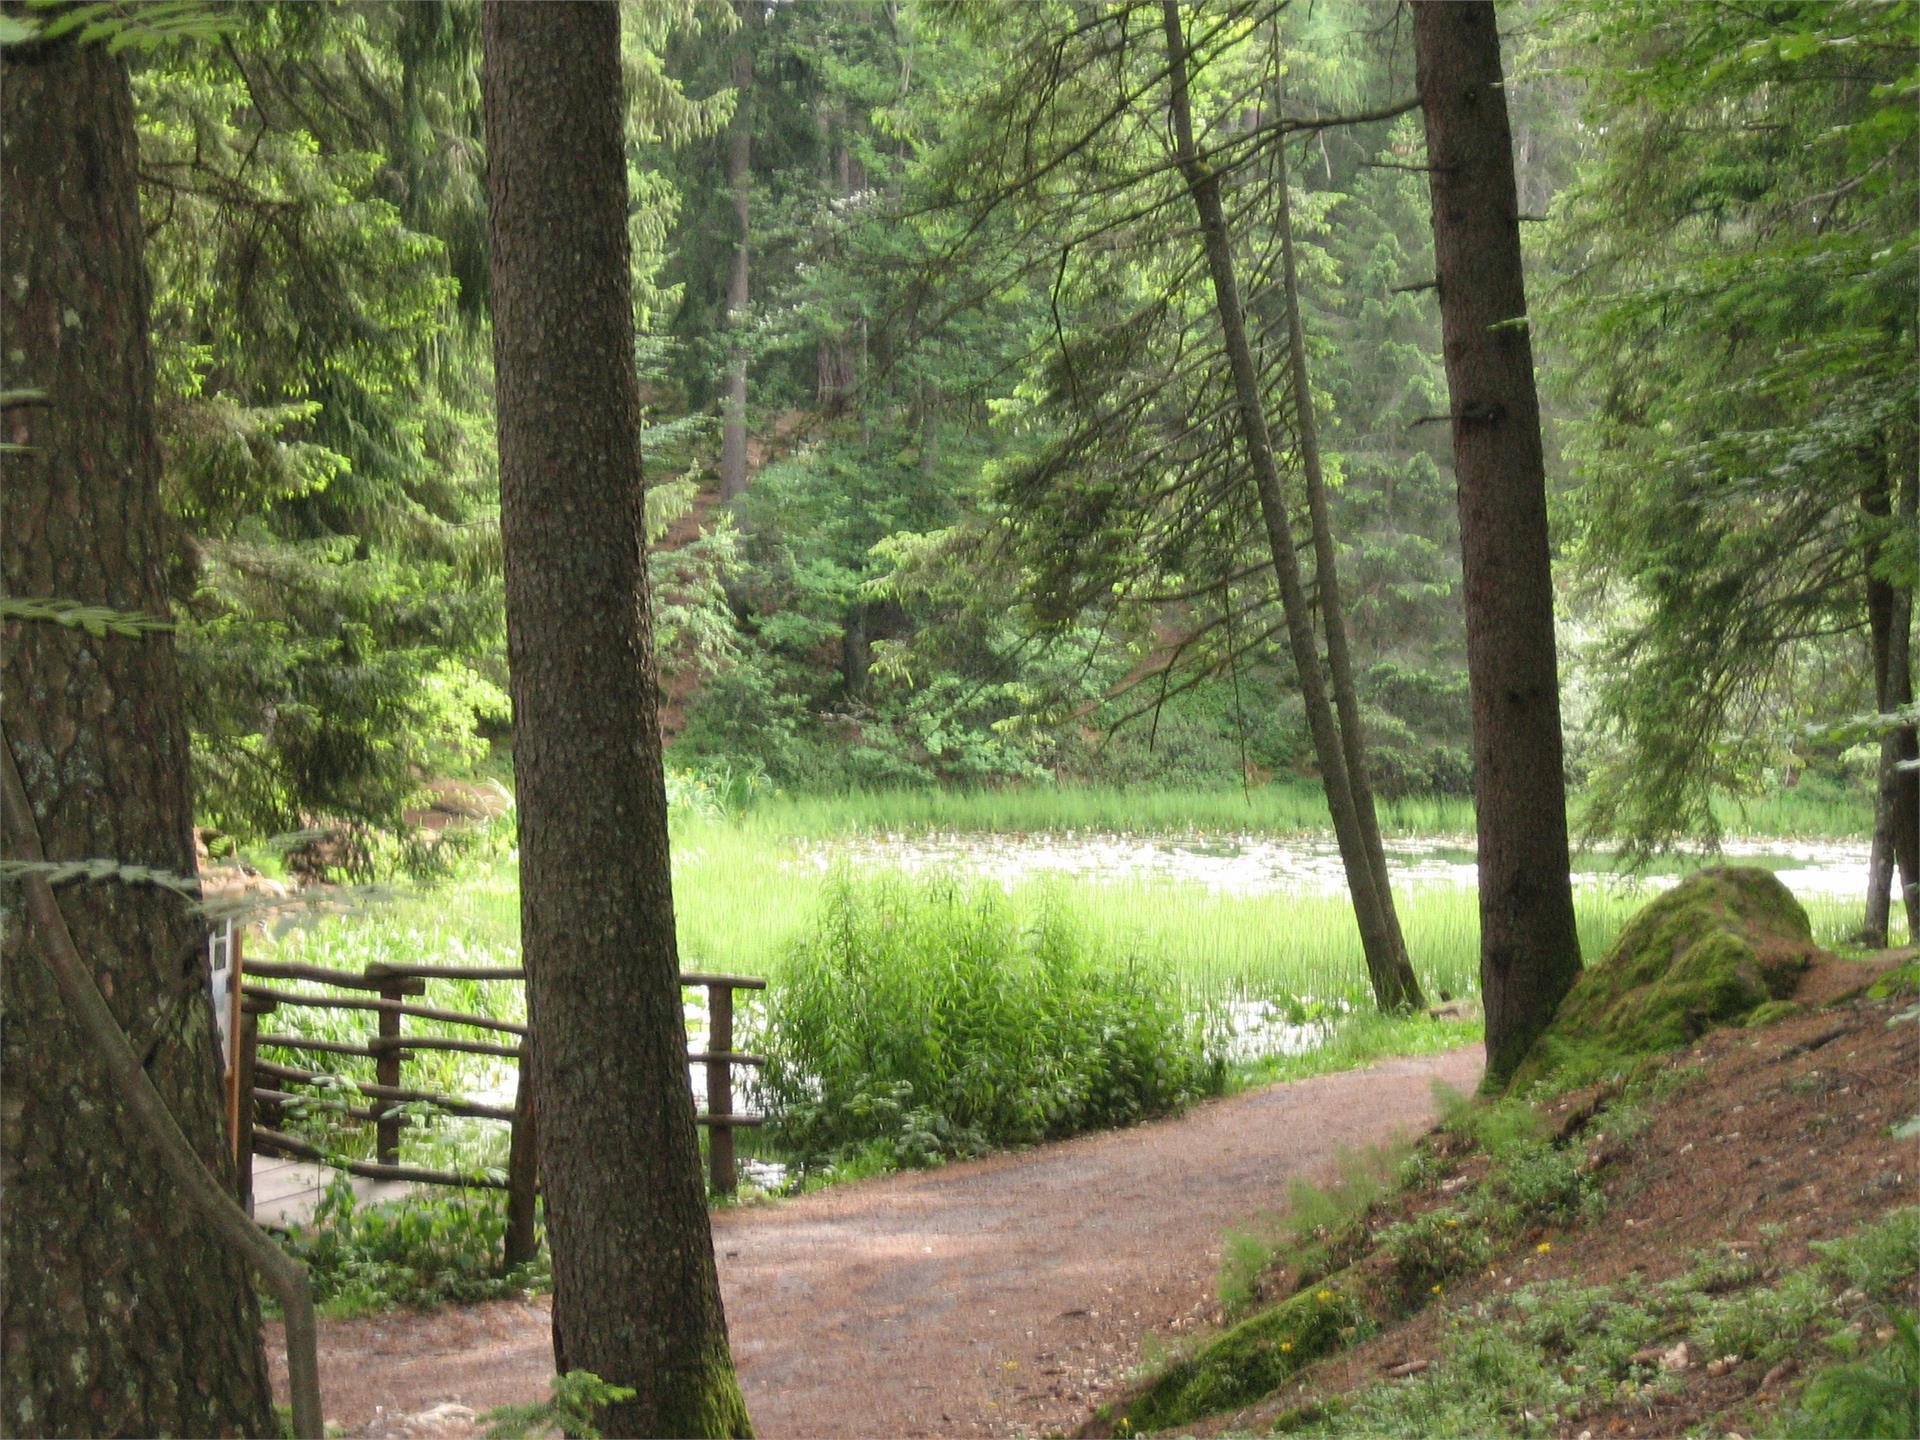 Sulfner Weiher Pond